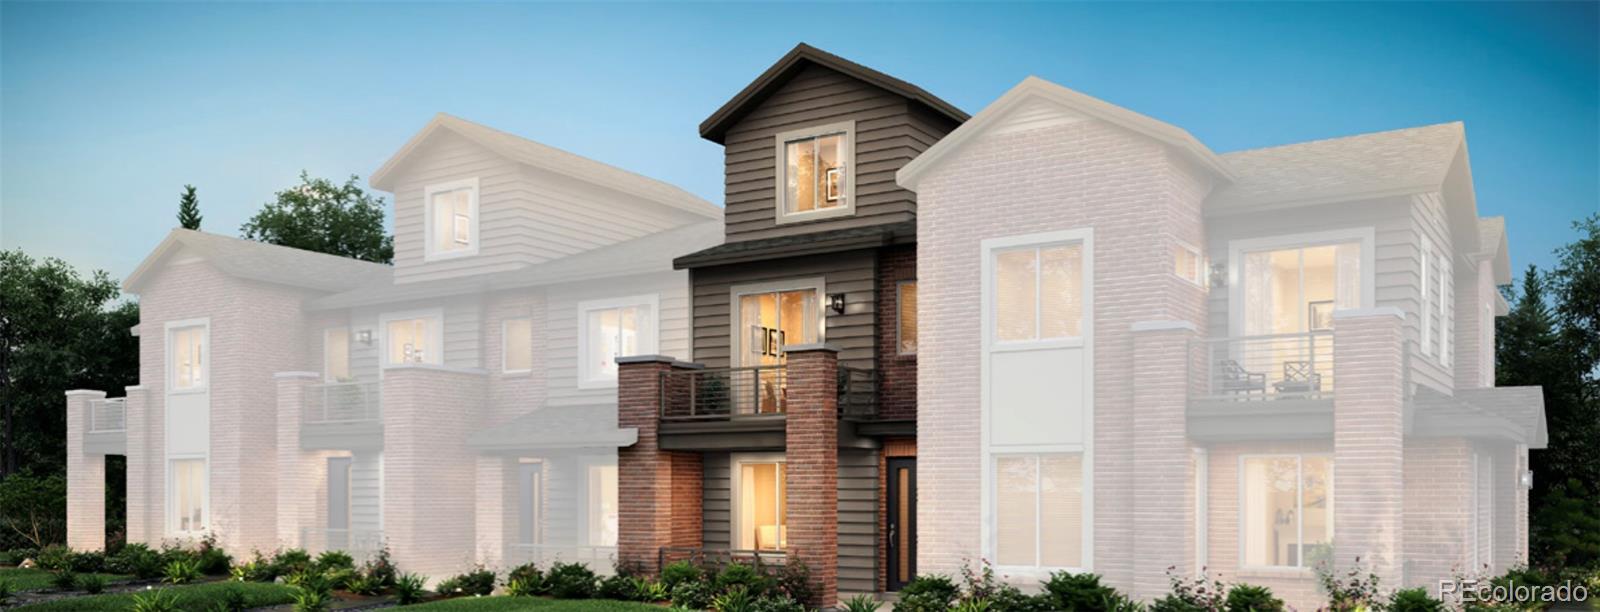 5167 S Fairplay #51, Aurora, CO 80015 - Aurora, CO real estate listing